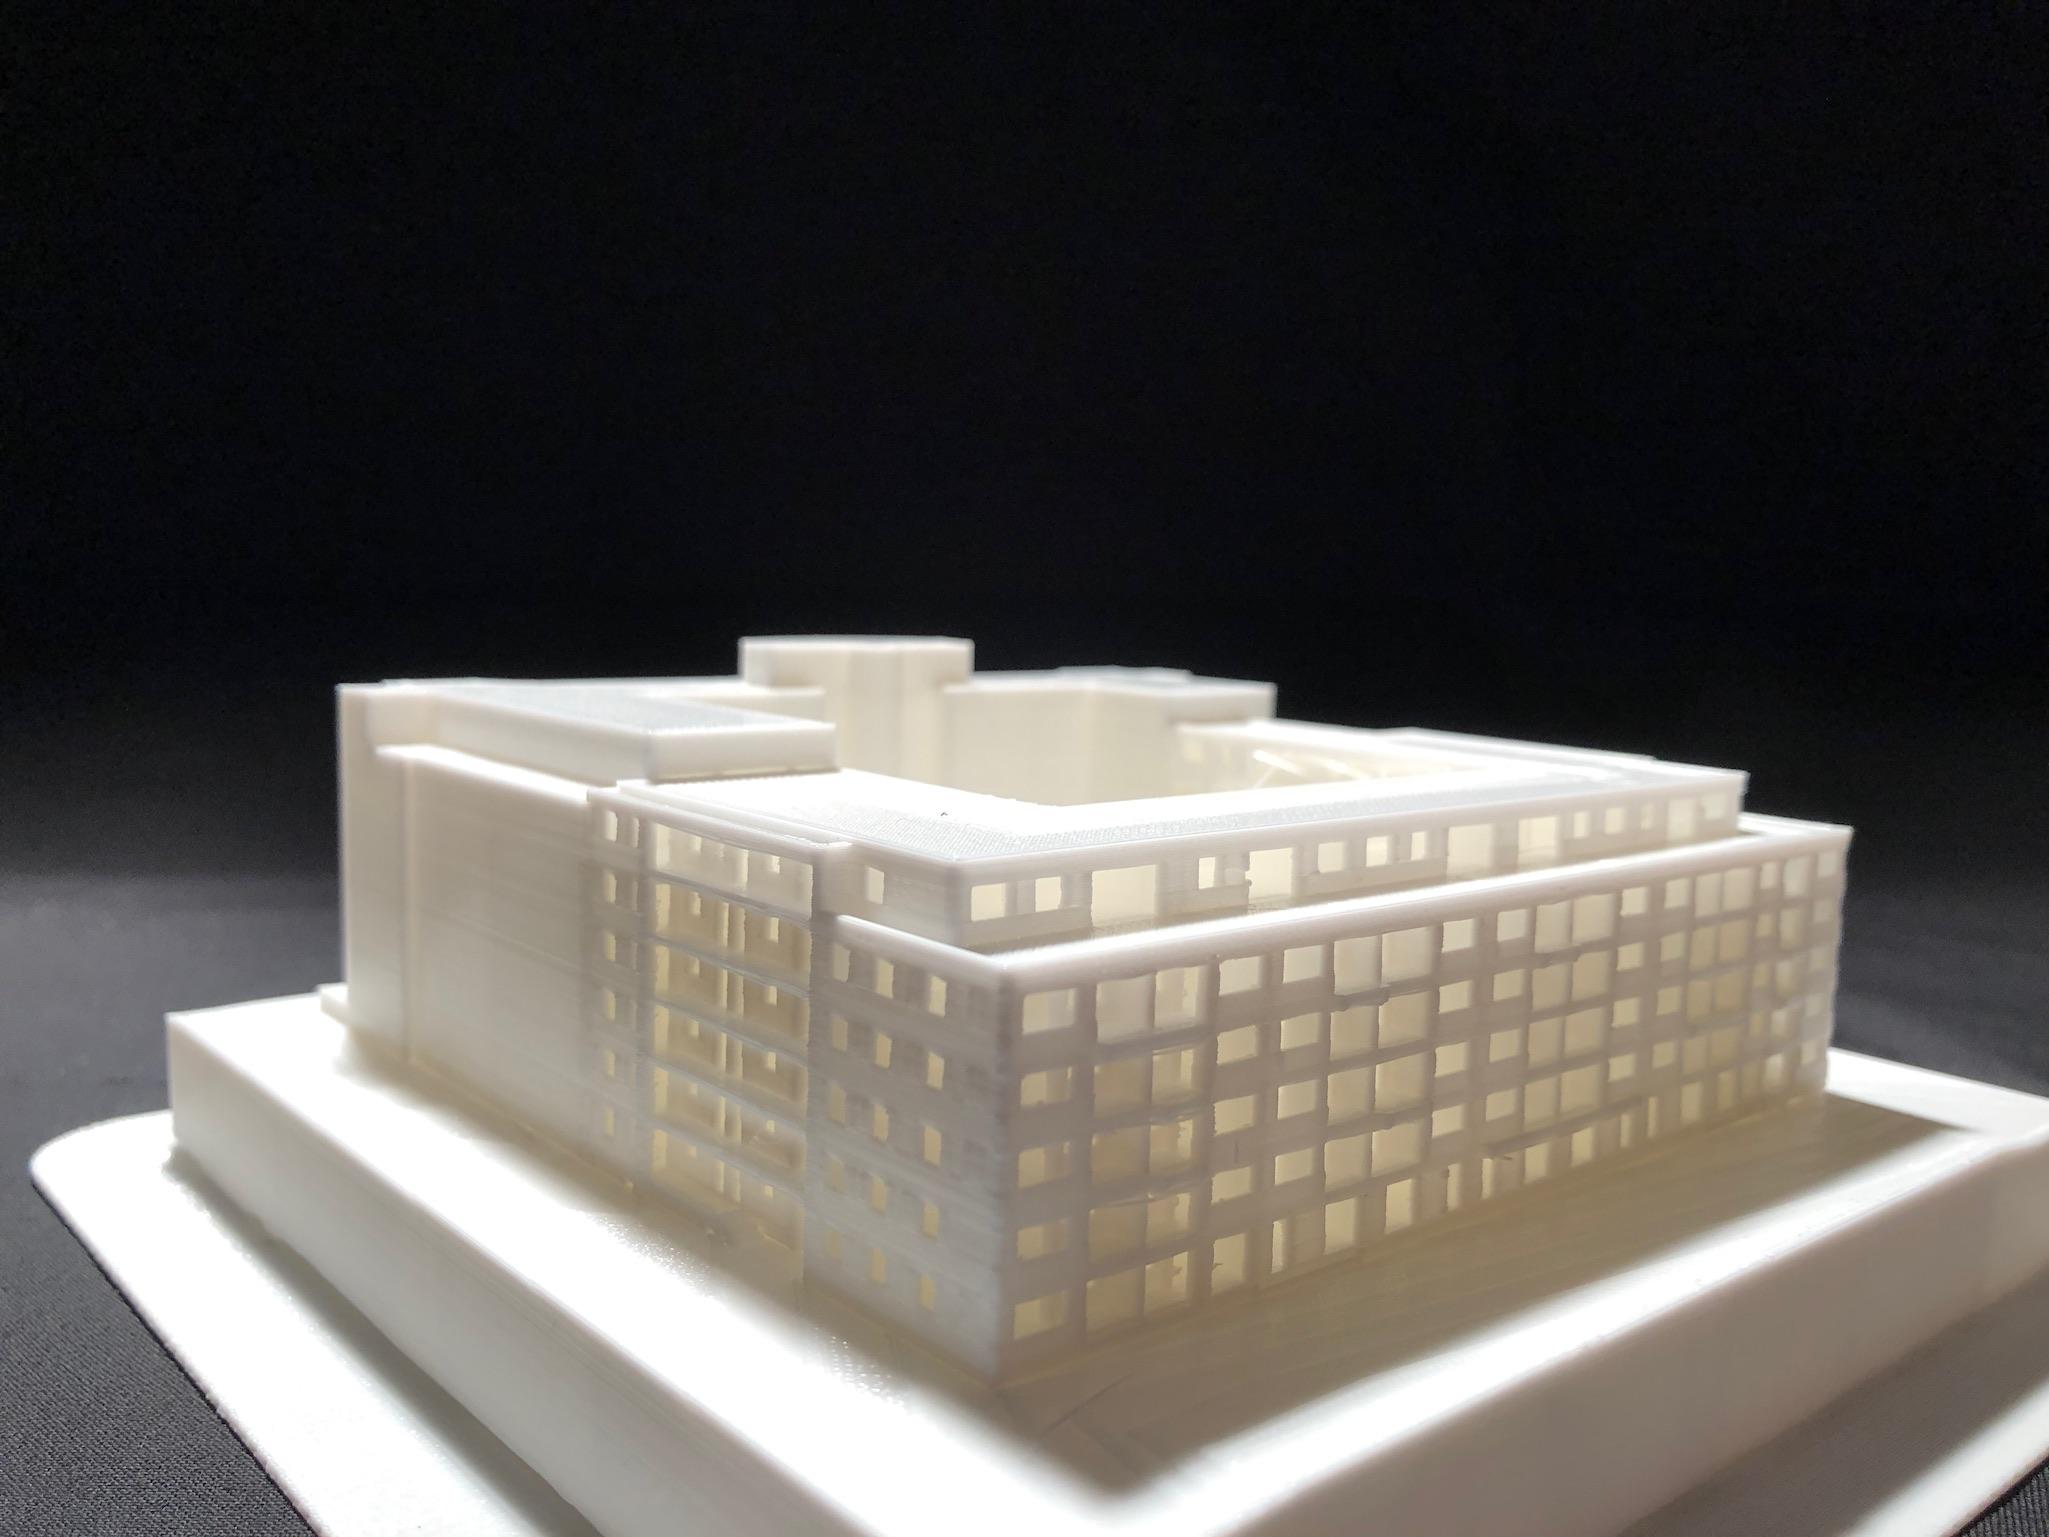 3D Druck   däschler architekten & ingenieure : däschler